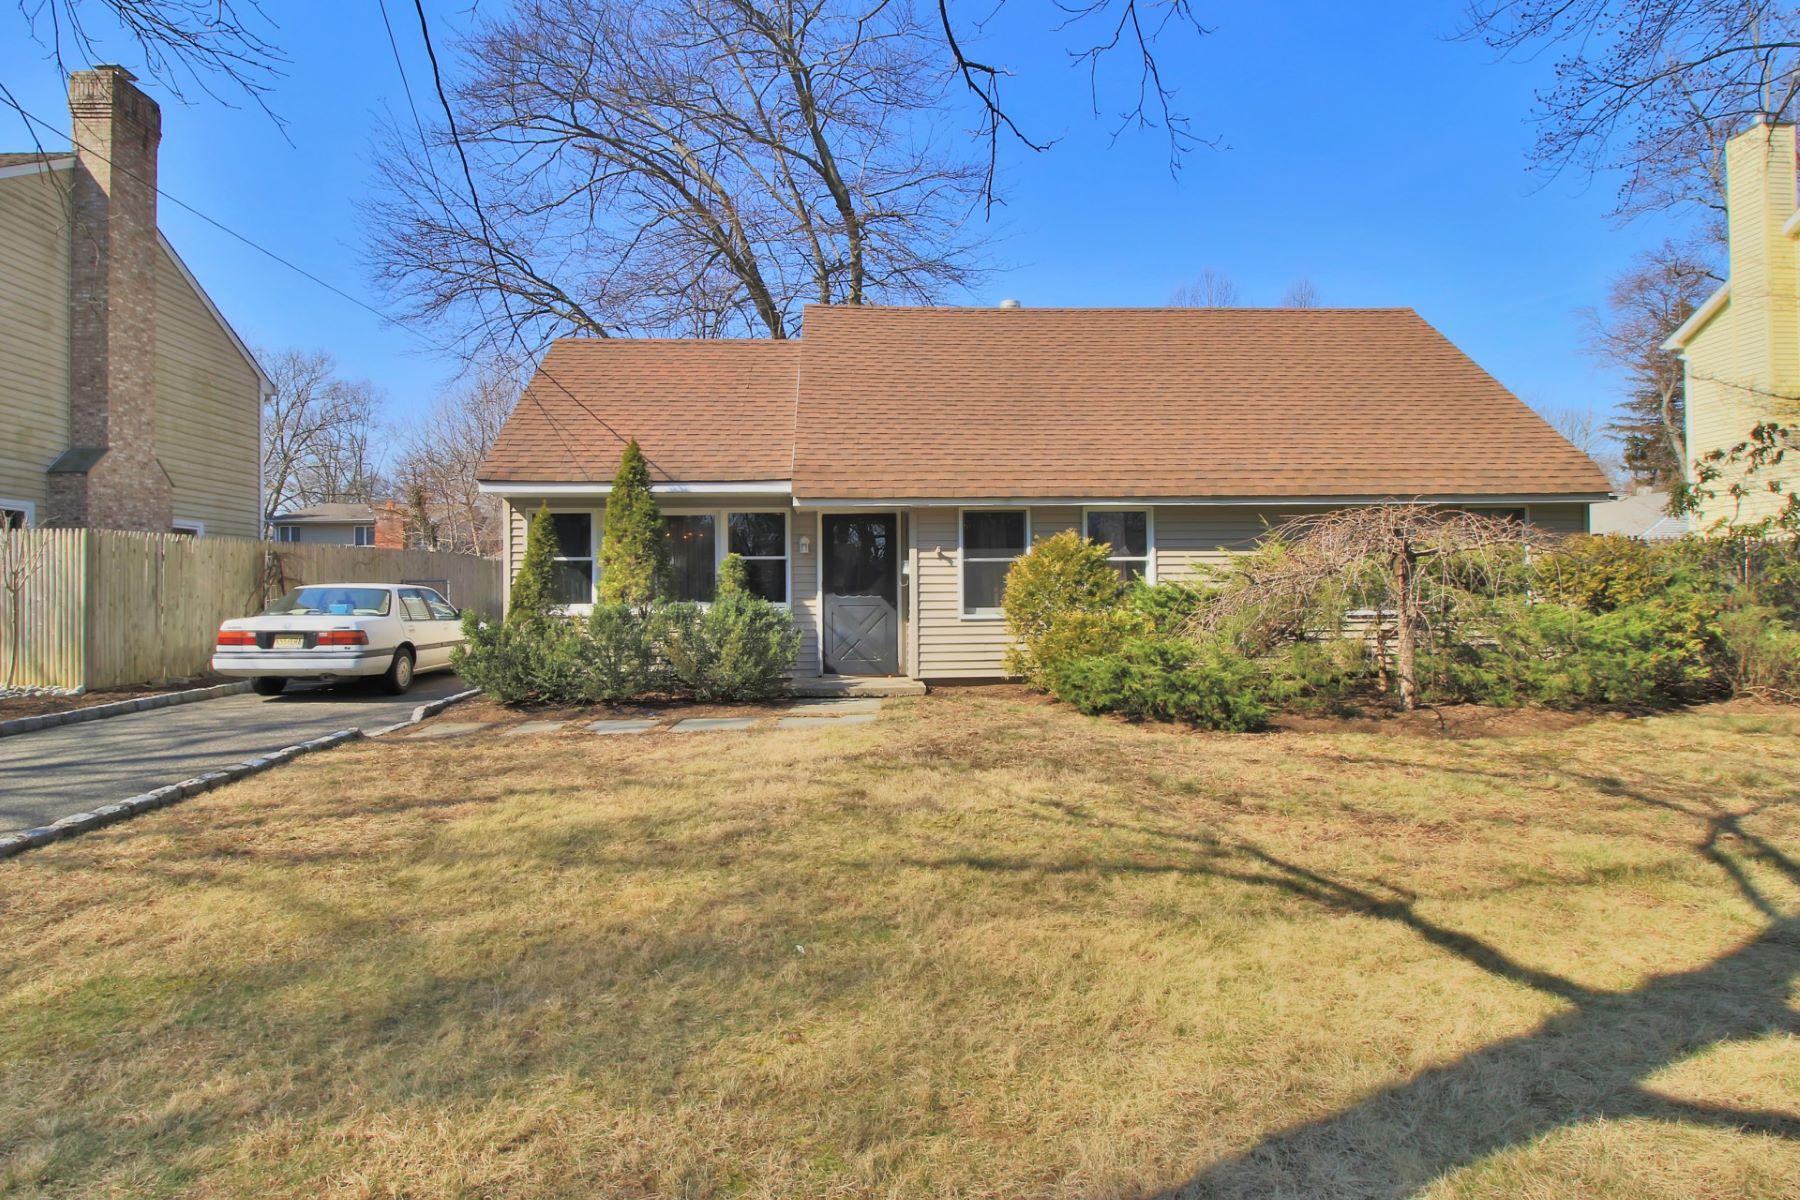 Частный односемейный дом для того Продажа на Charming Cape 48 Lockerby Ln Westwood, Нью-Джерси 07675 Соединенные Штаты